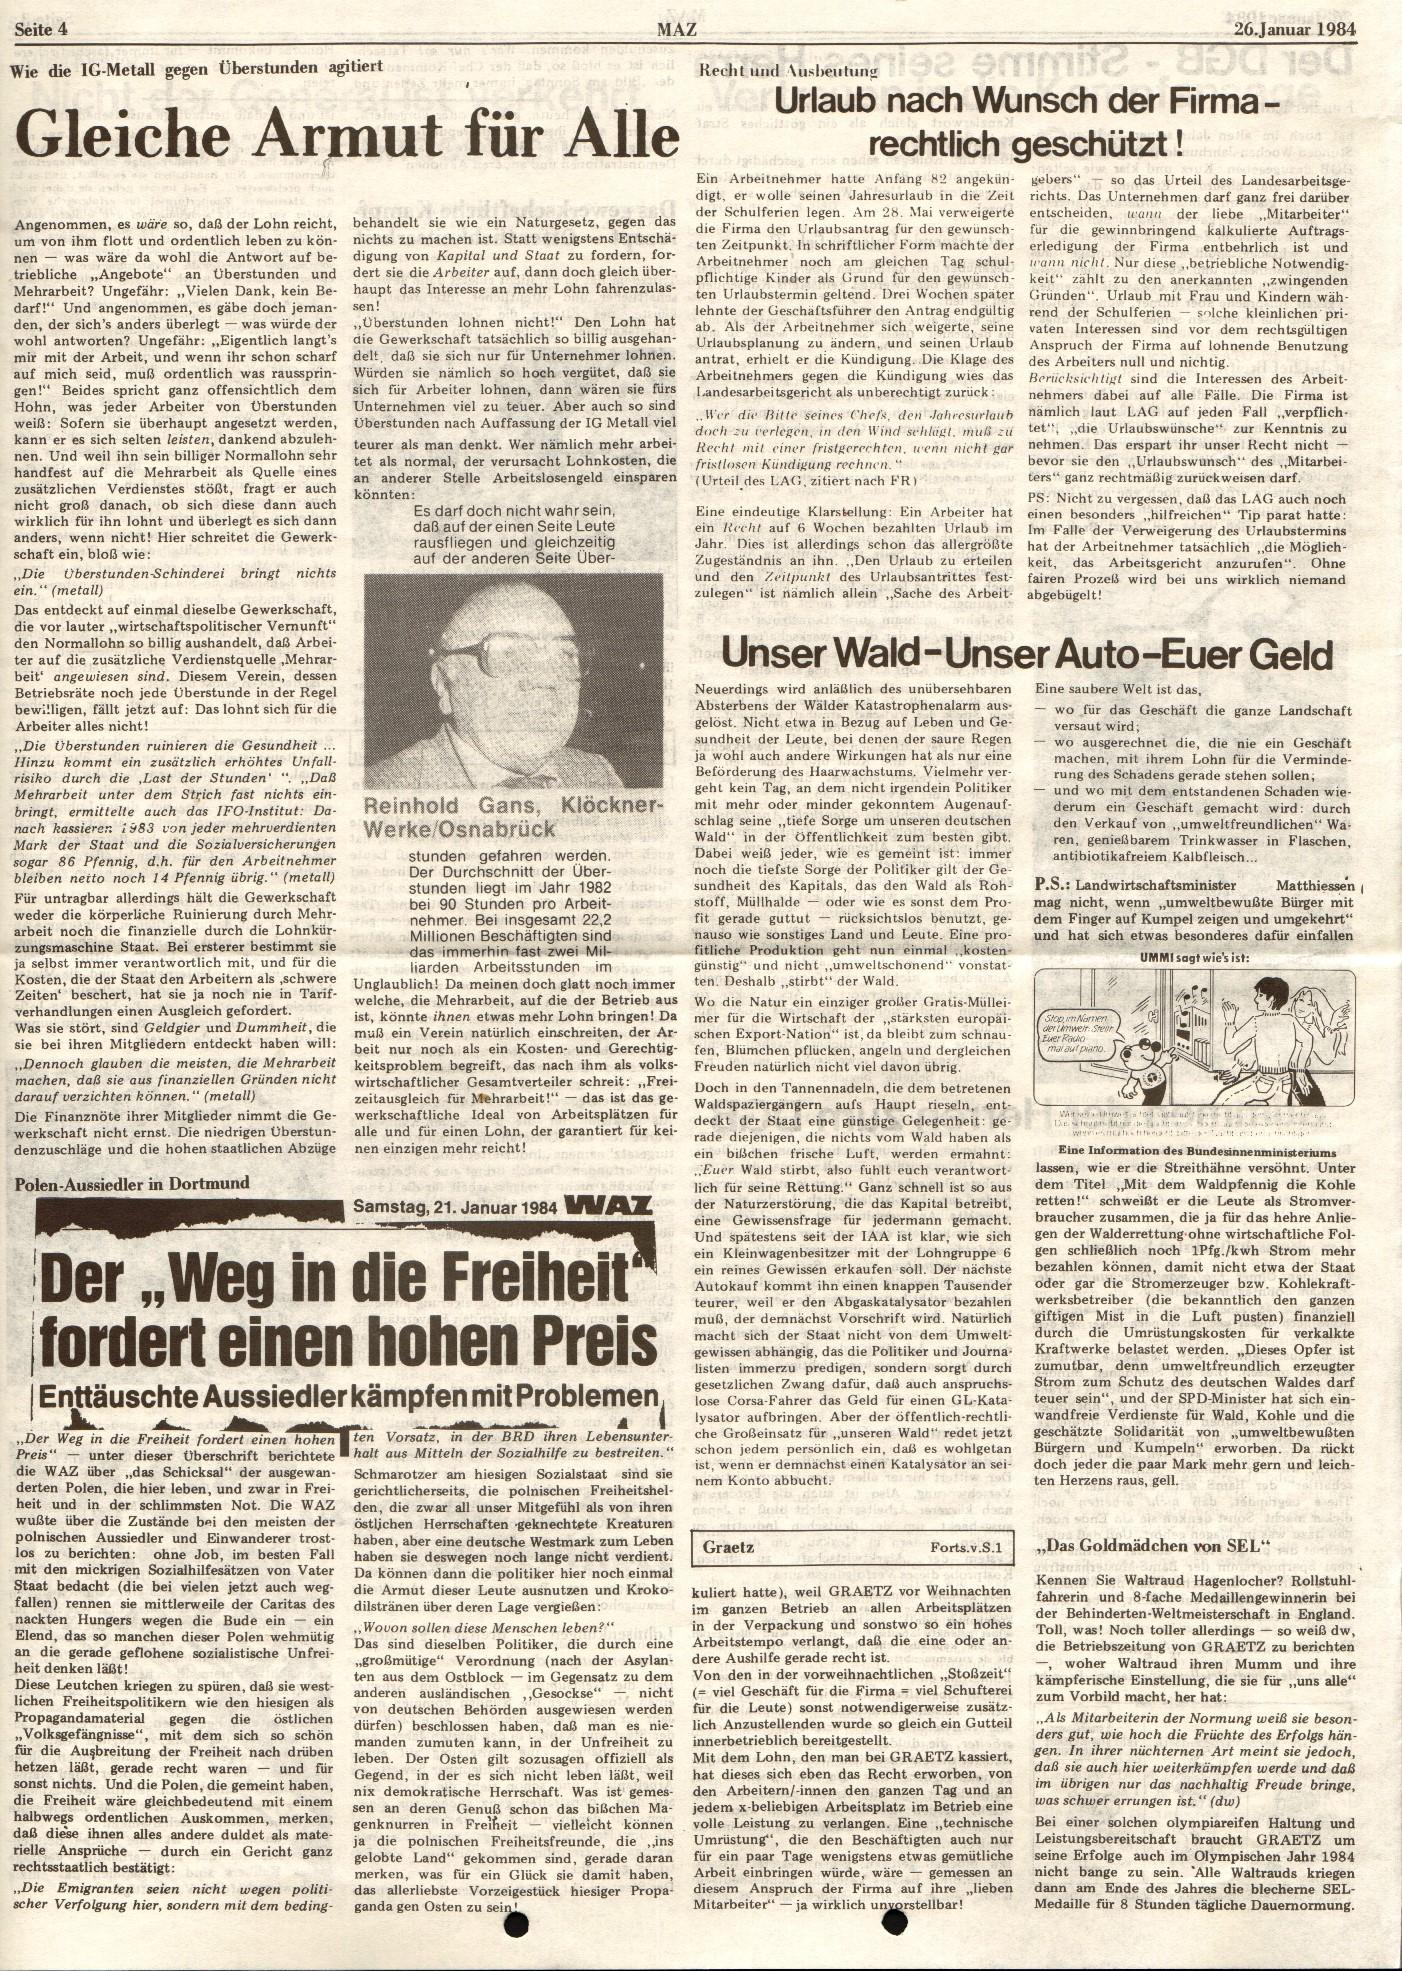 Ruhrgebiet_MG_Marxistische_Arbeiterzeitung_Metall_19840126_04